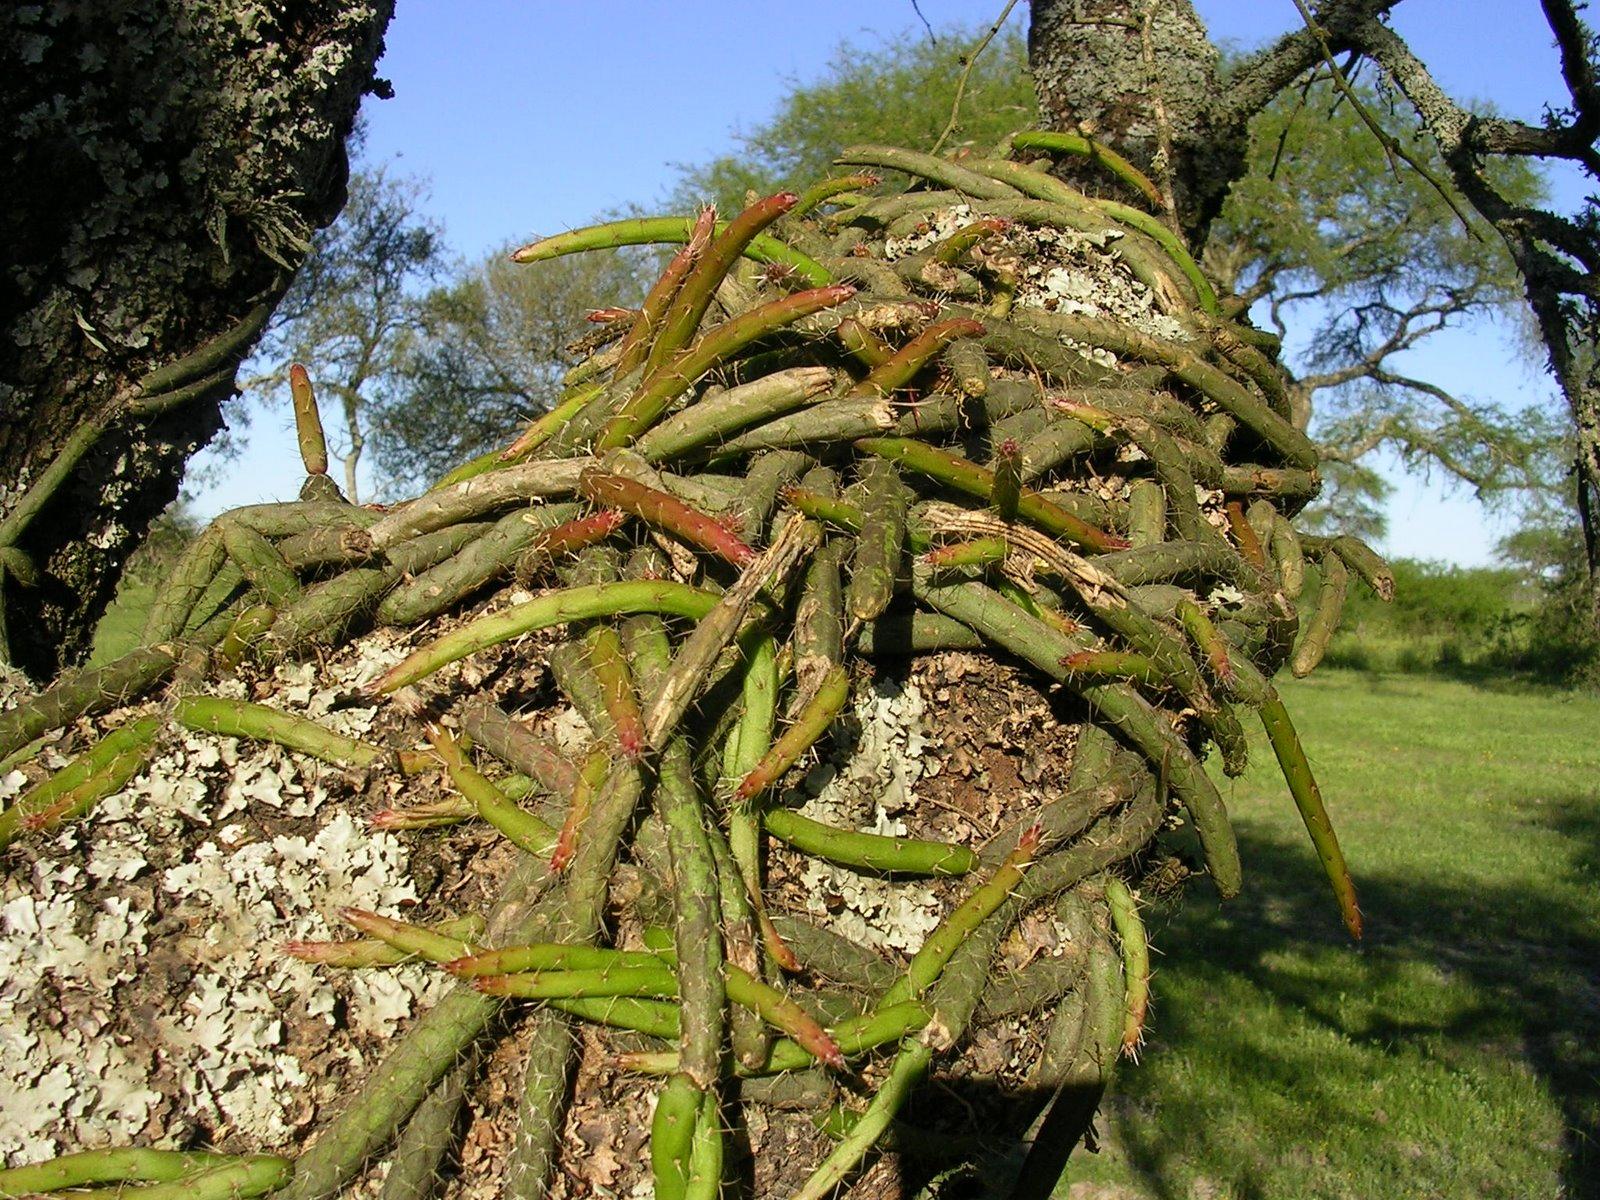 Argentina nativa suelda consuelda rhipsalis lumbricoides for Cactus argentina